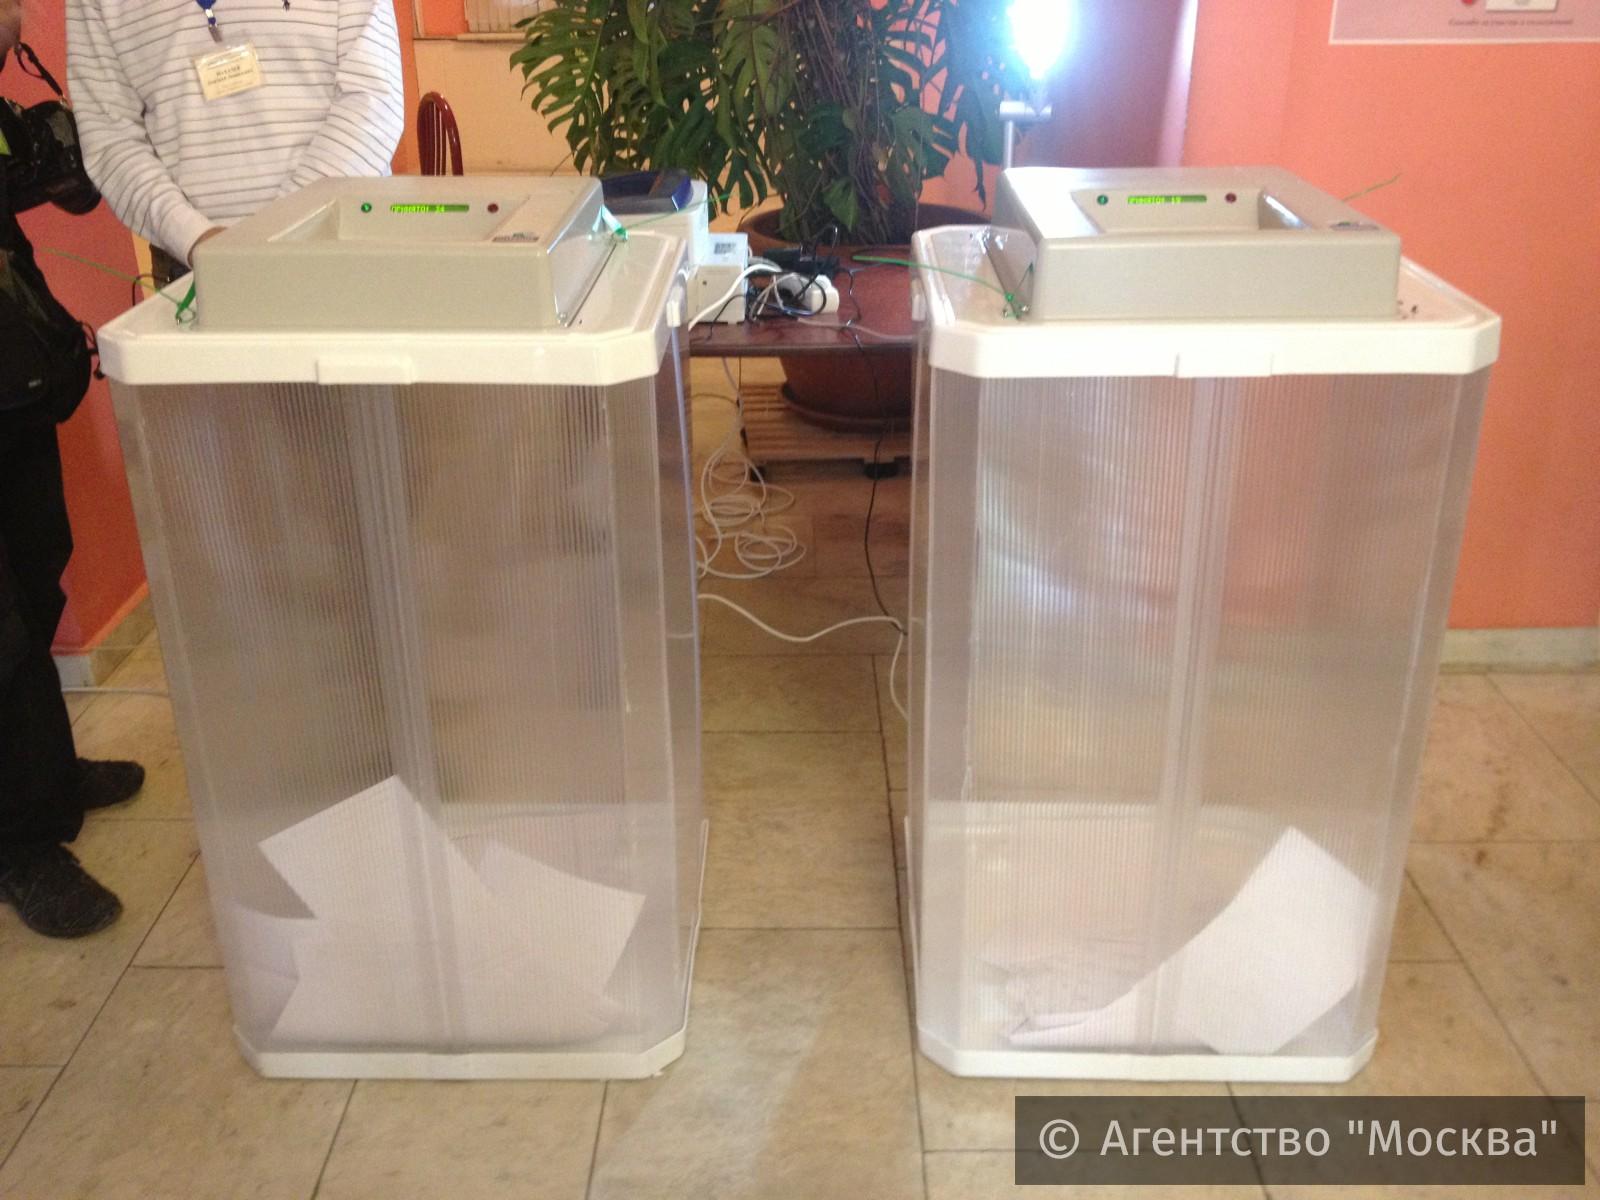 Жалоб отучастников голосования и претендентов в столице России непоступало